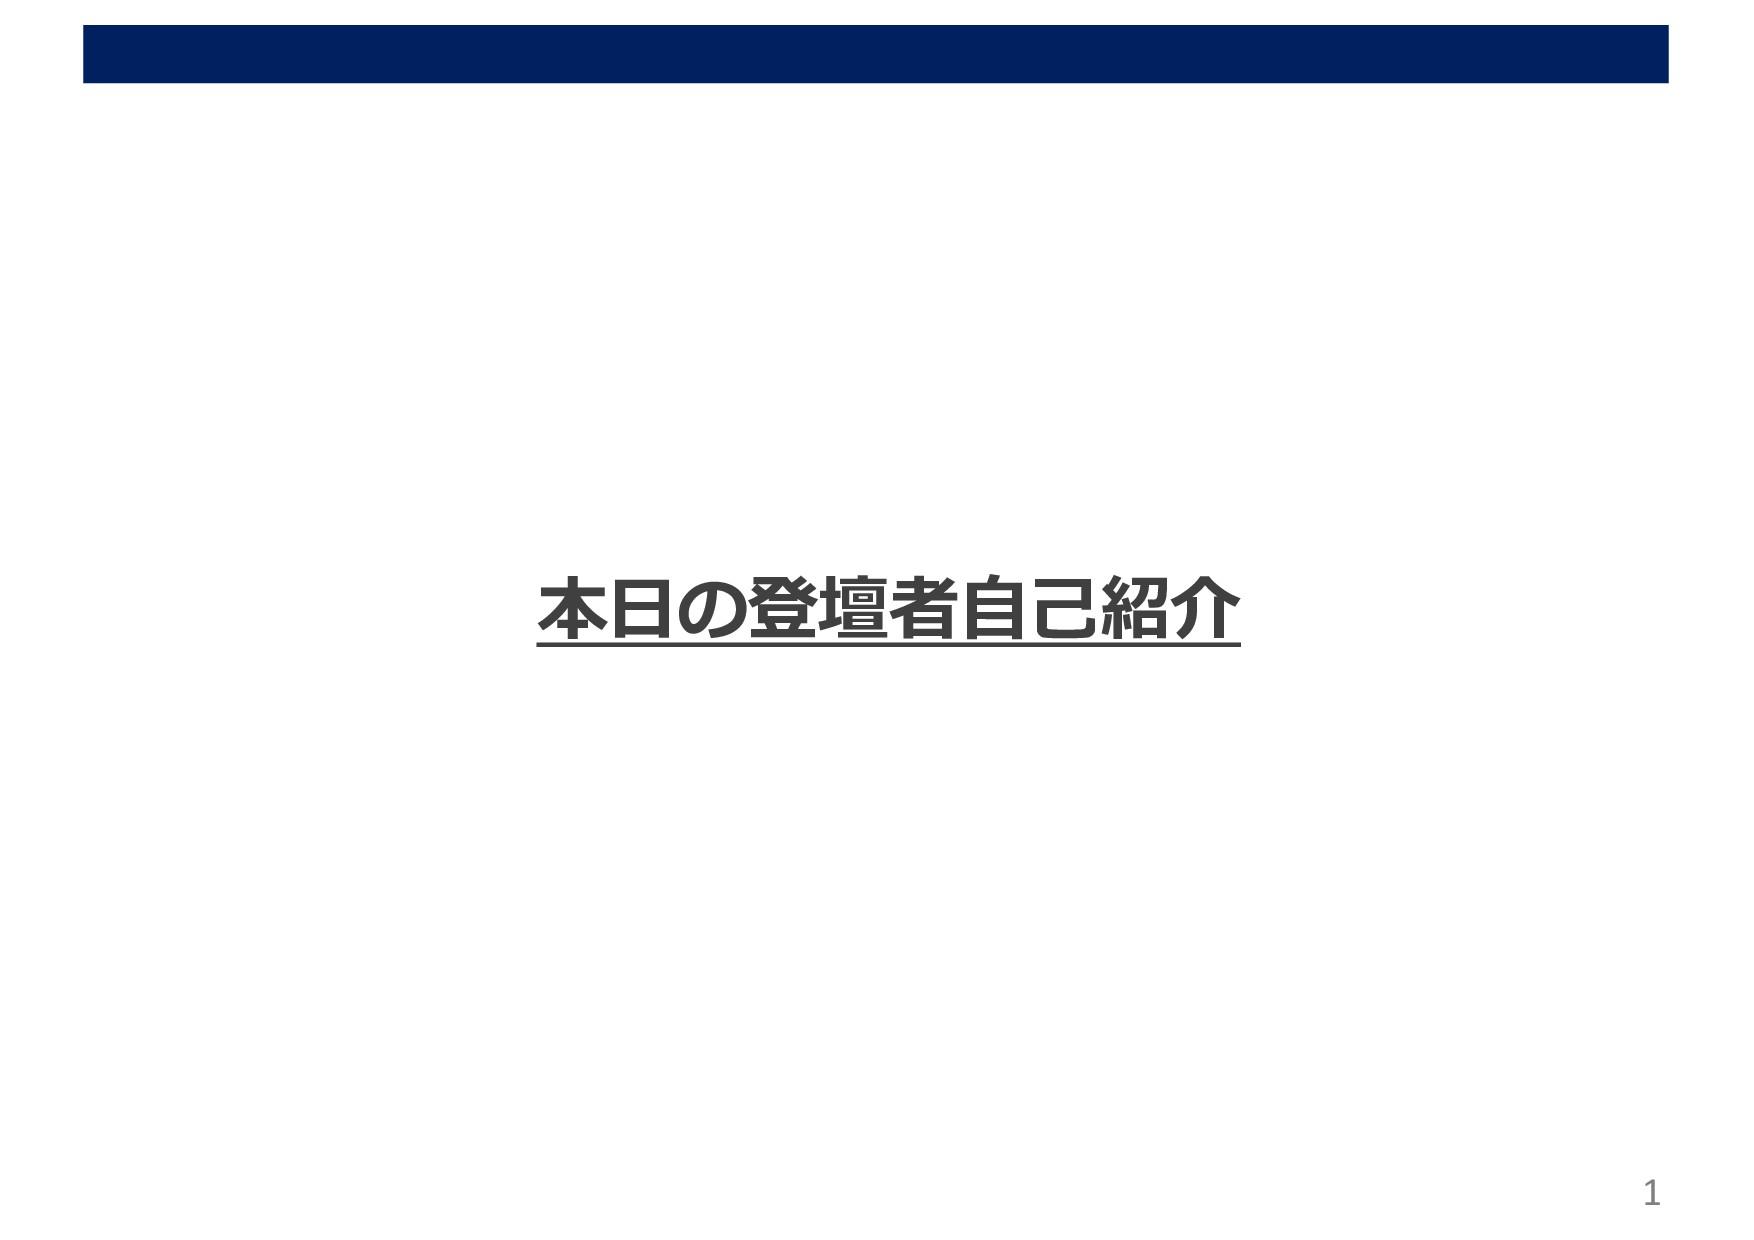 1 本⽇の登壇者⾃⼰紹介